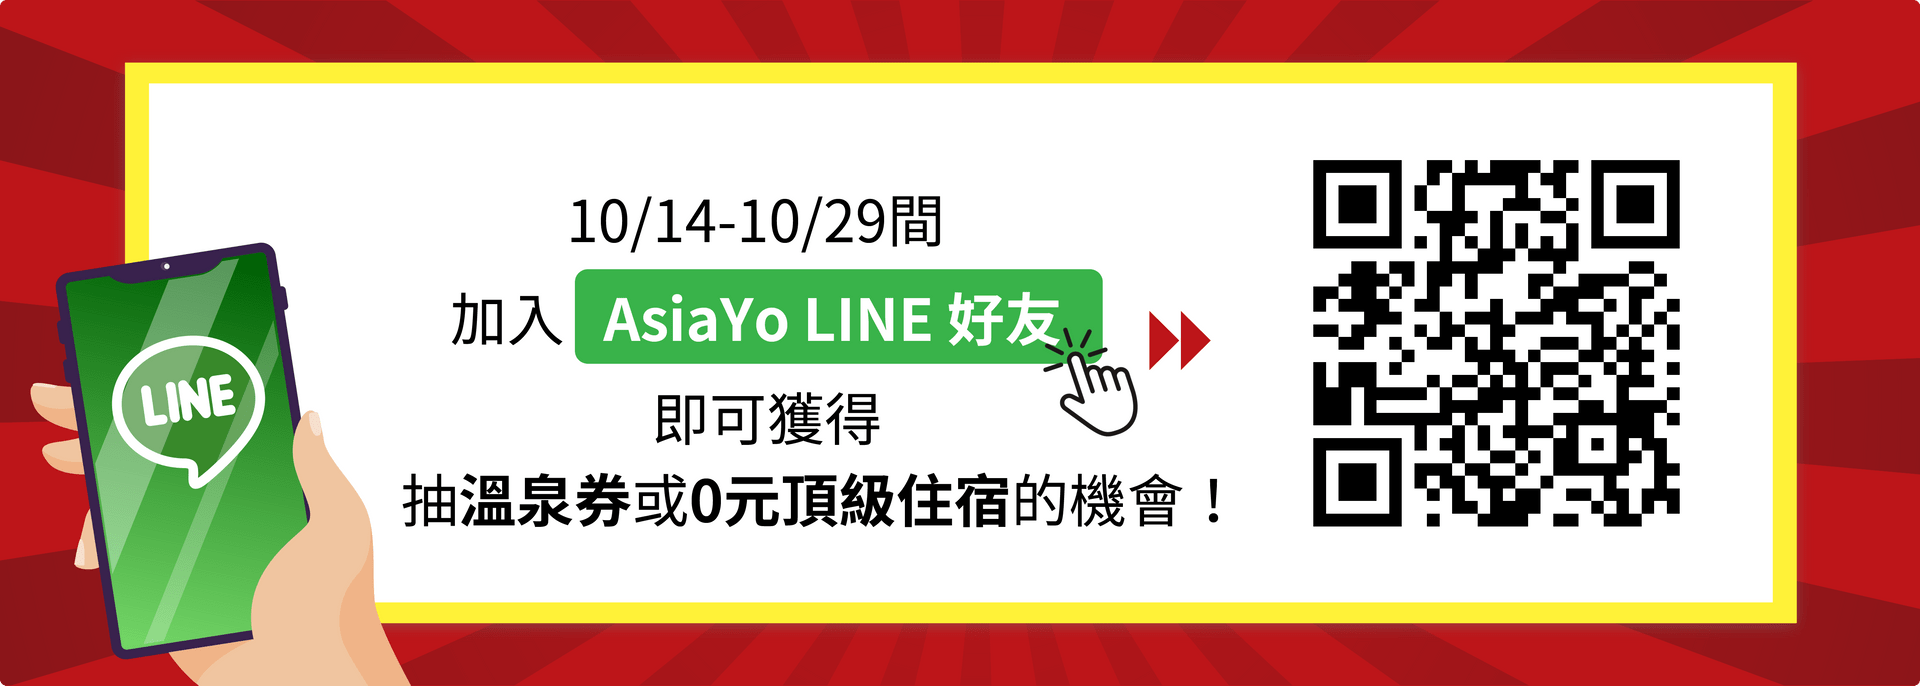 【2020線上旅展】年終最狂!AsiaYo全台訂房3折起,再抽0元爽住飯店! - threeonelee.com